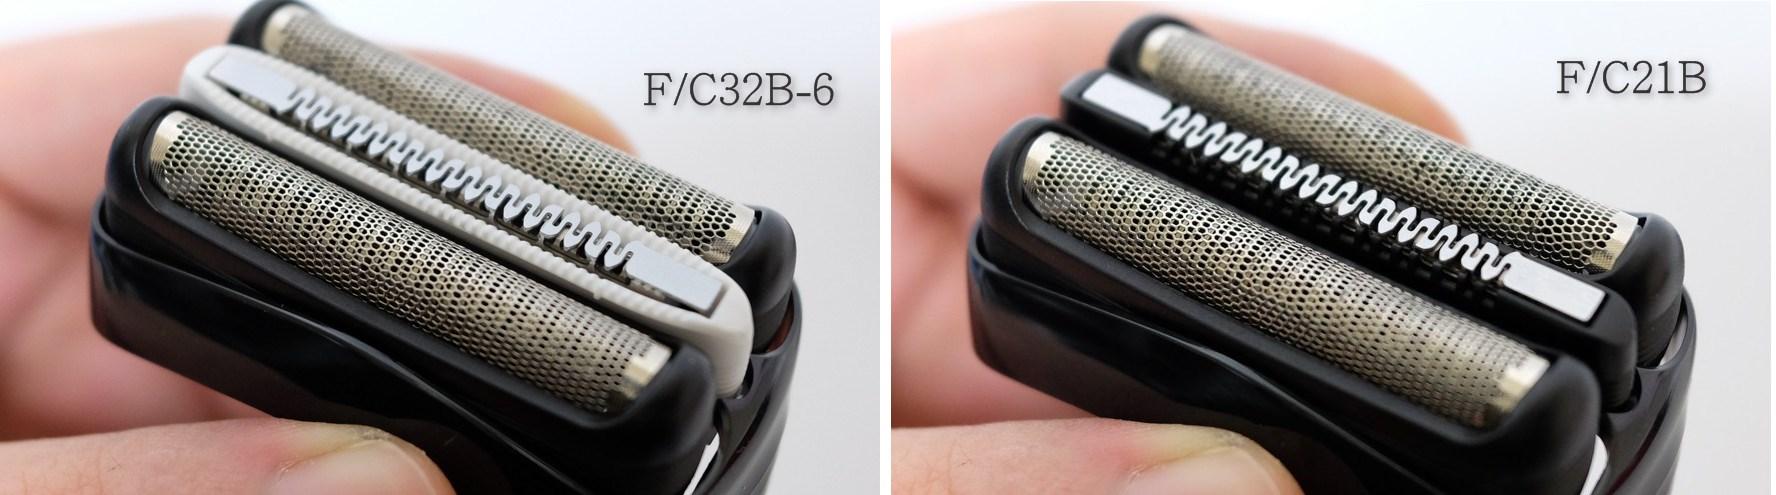 F/C32B-6とF/C21Bの比較